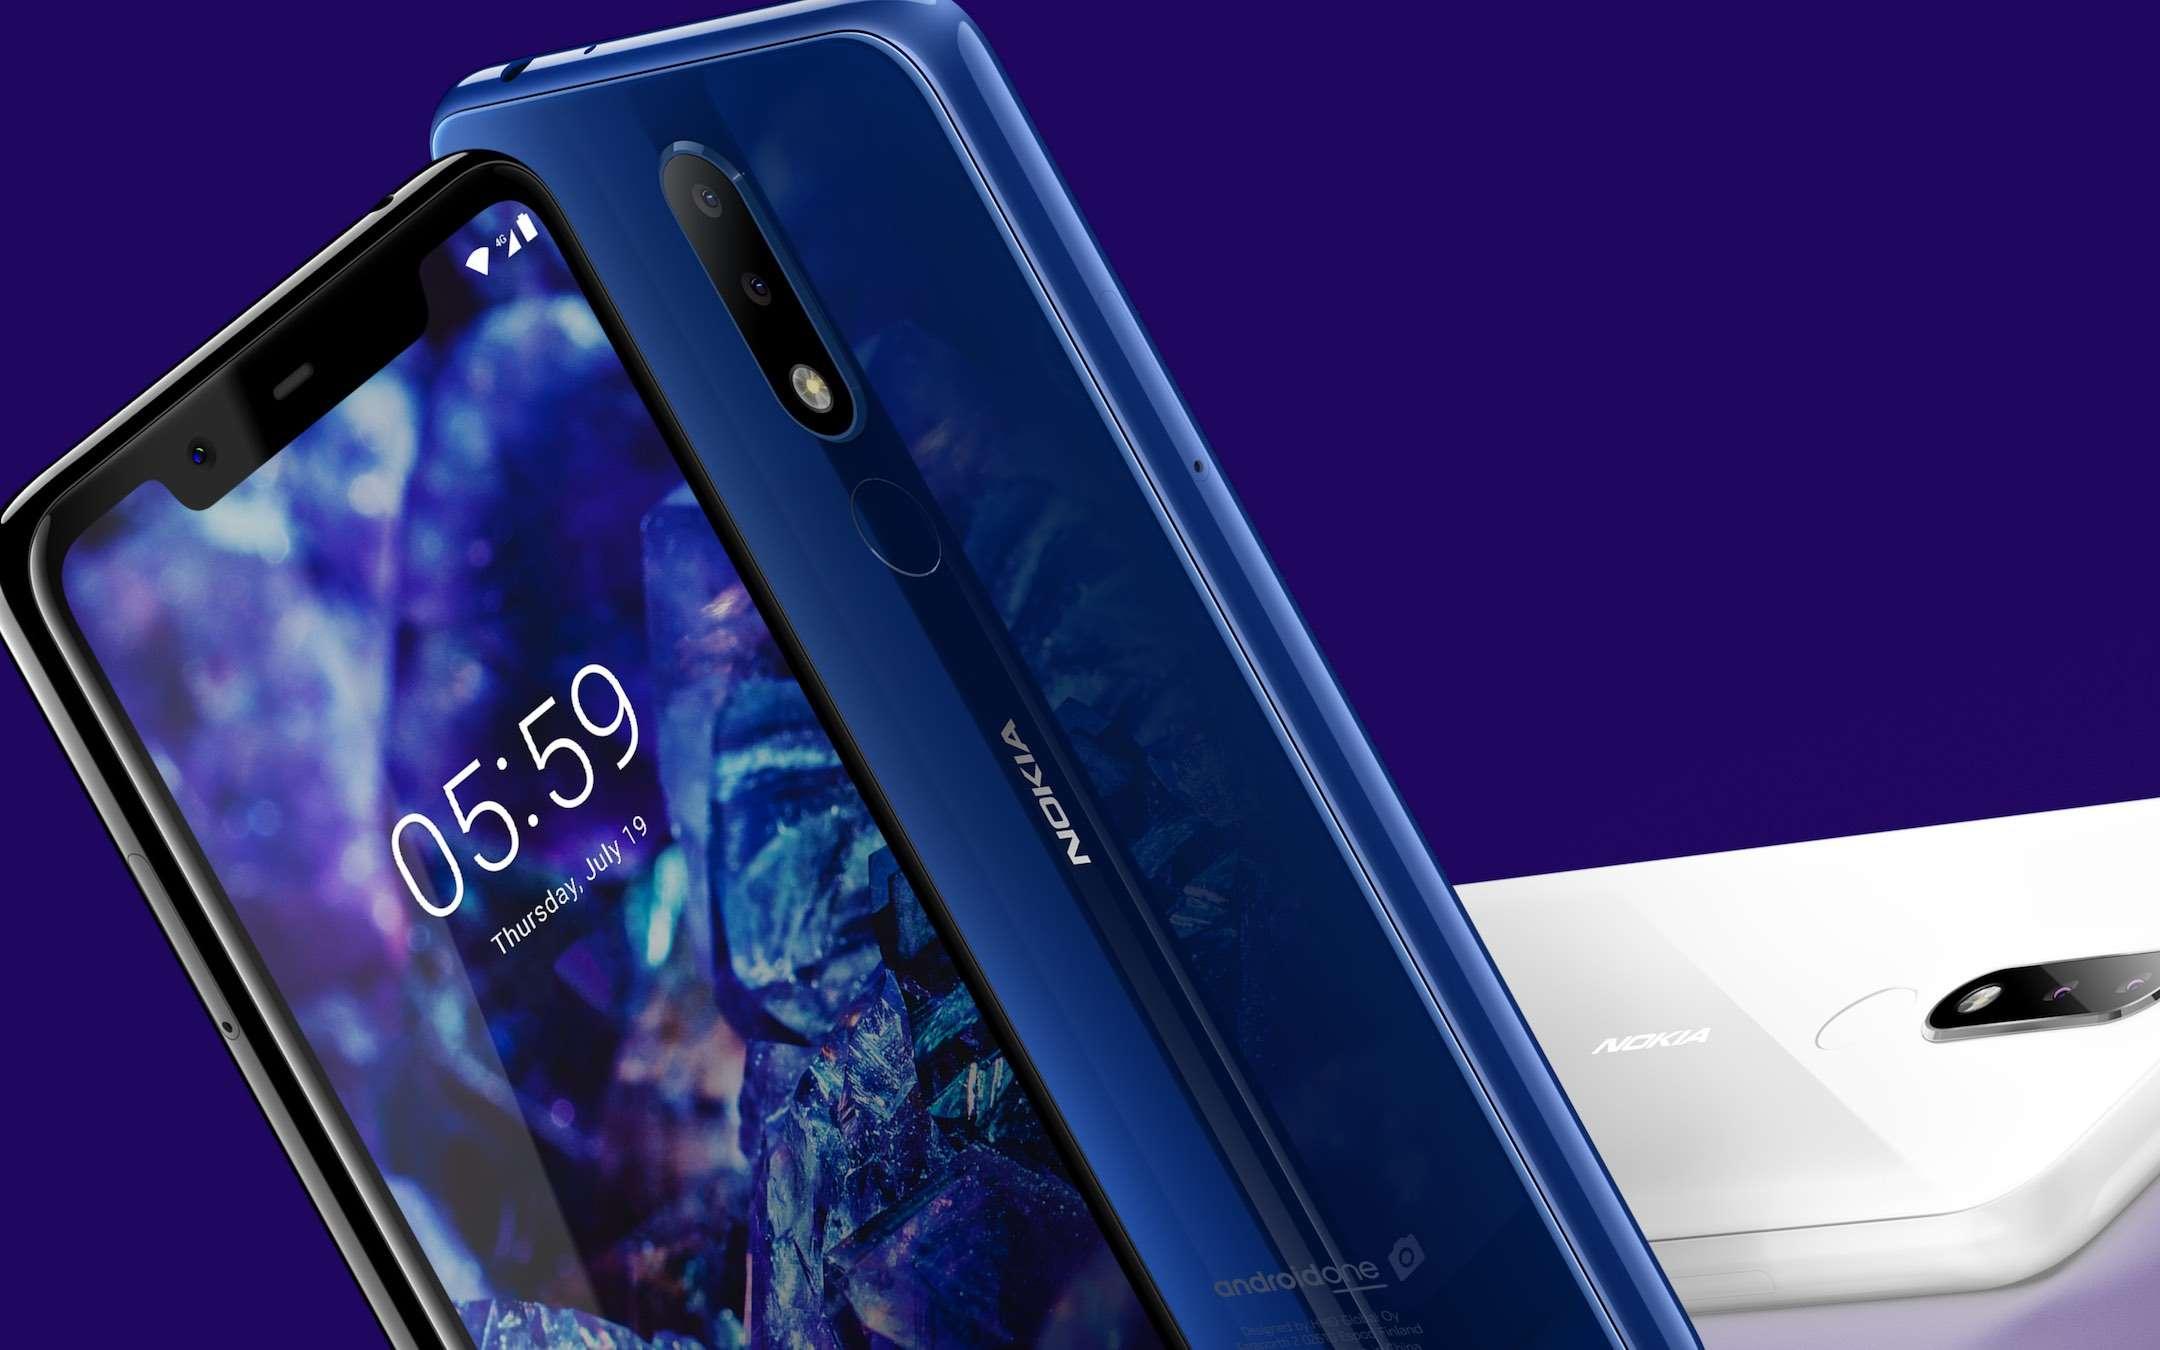 Nokia 5.1 Plus ufficiale: specifiche e prezzi